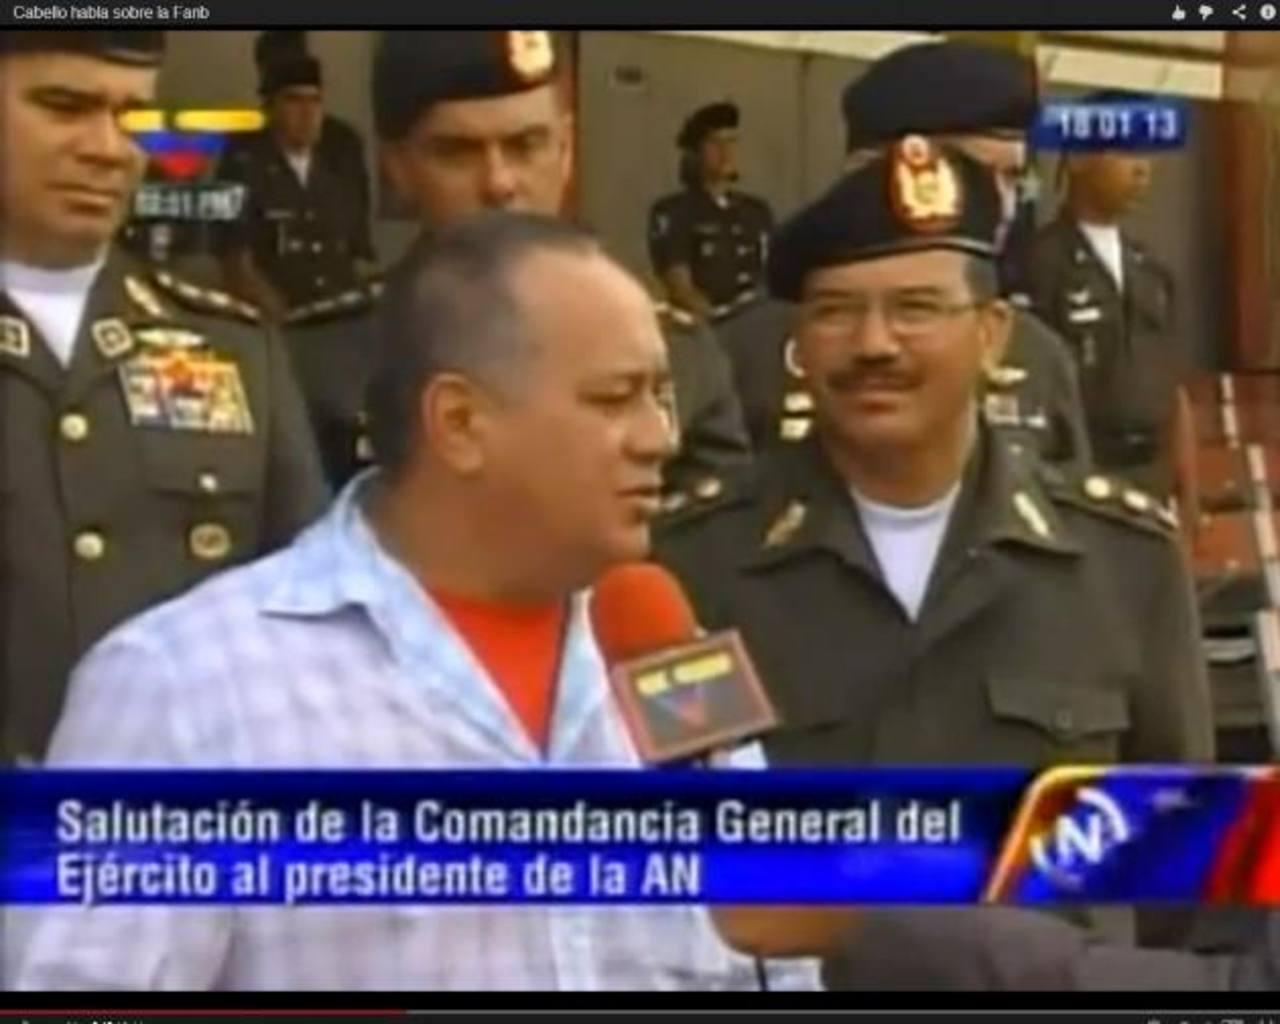 El presidente de la Asamblea Nacional, Diosdado Cabello, sentenció a la oposición ayer.